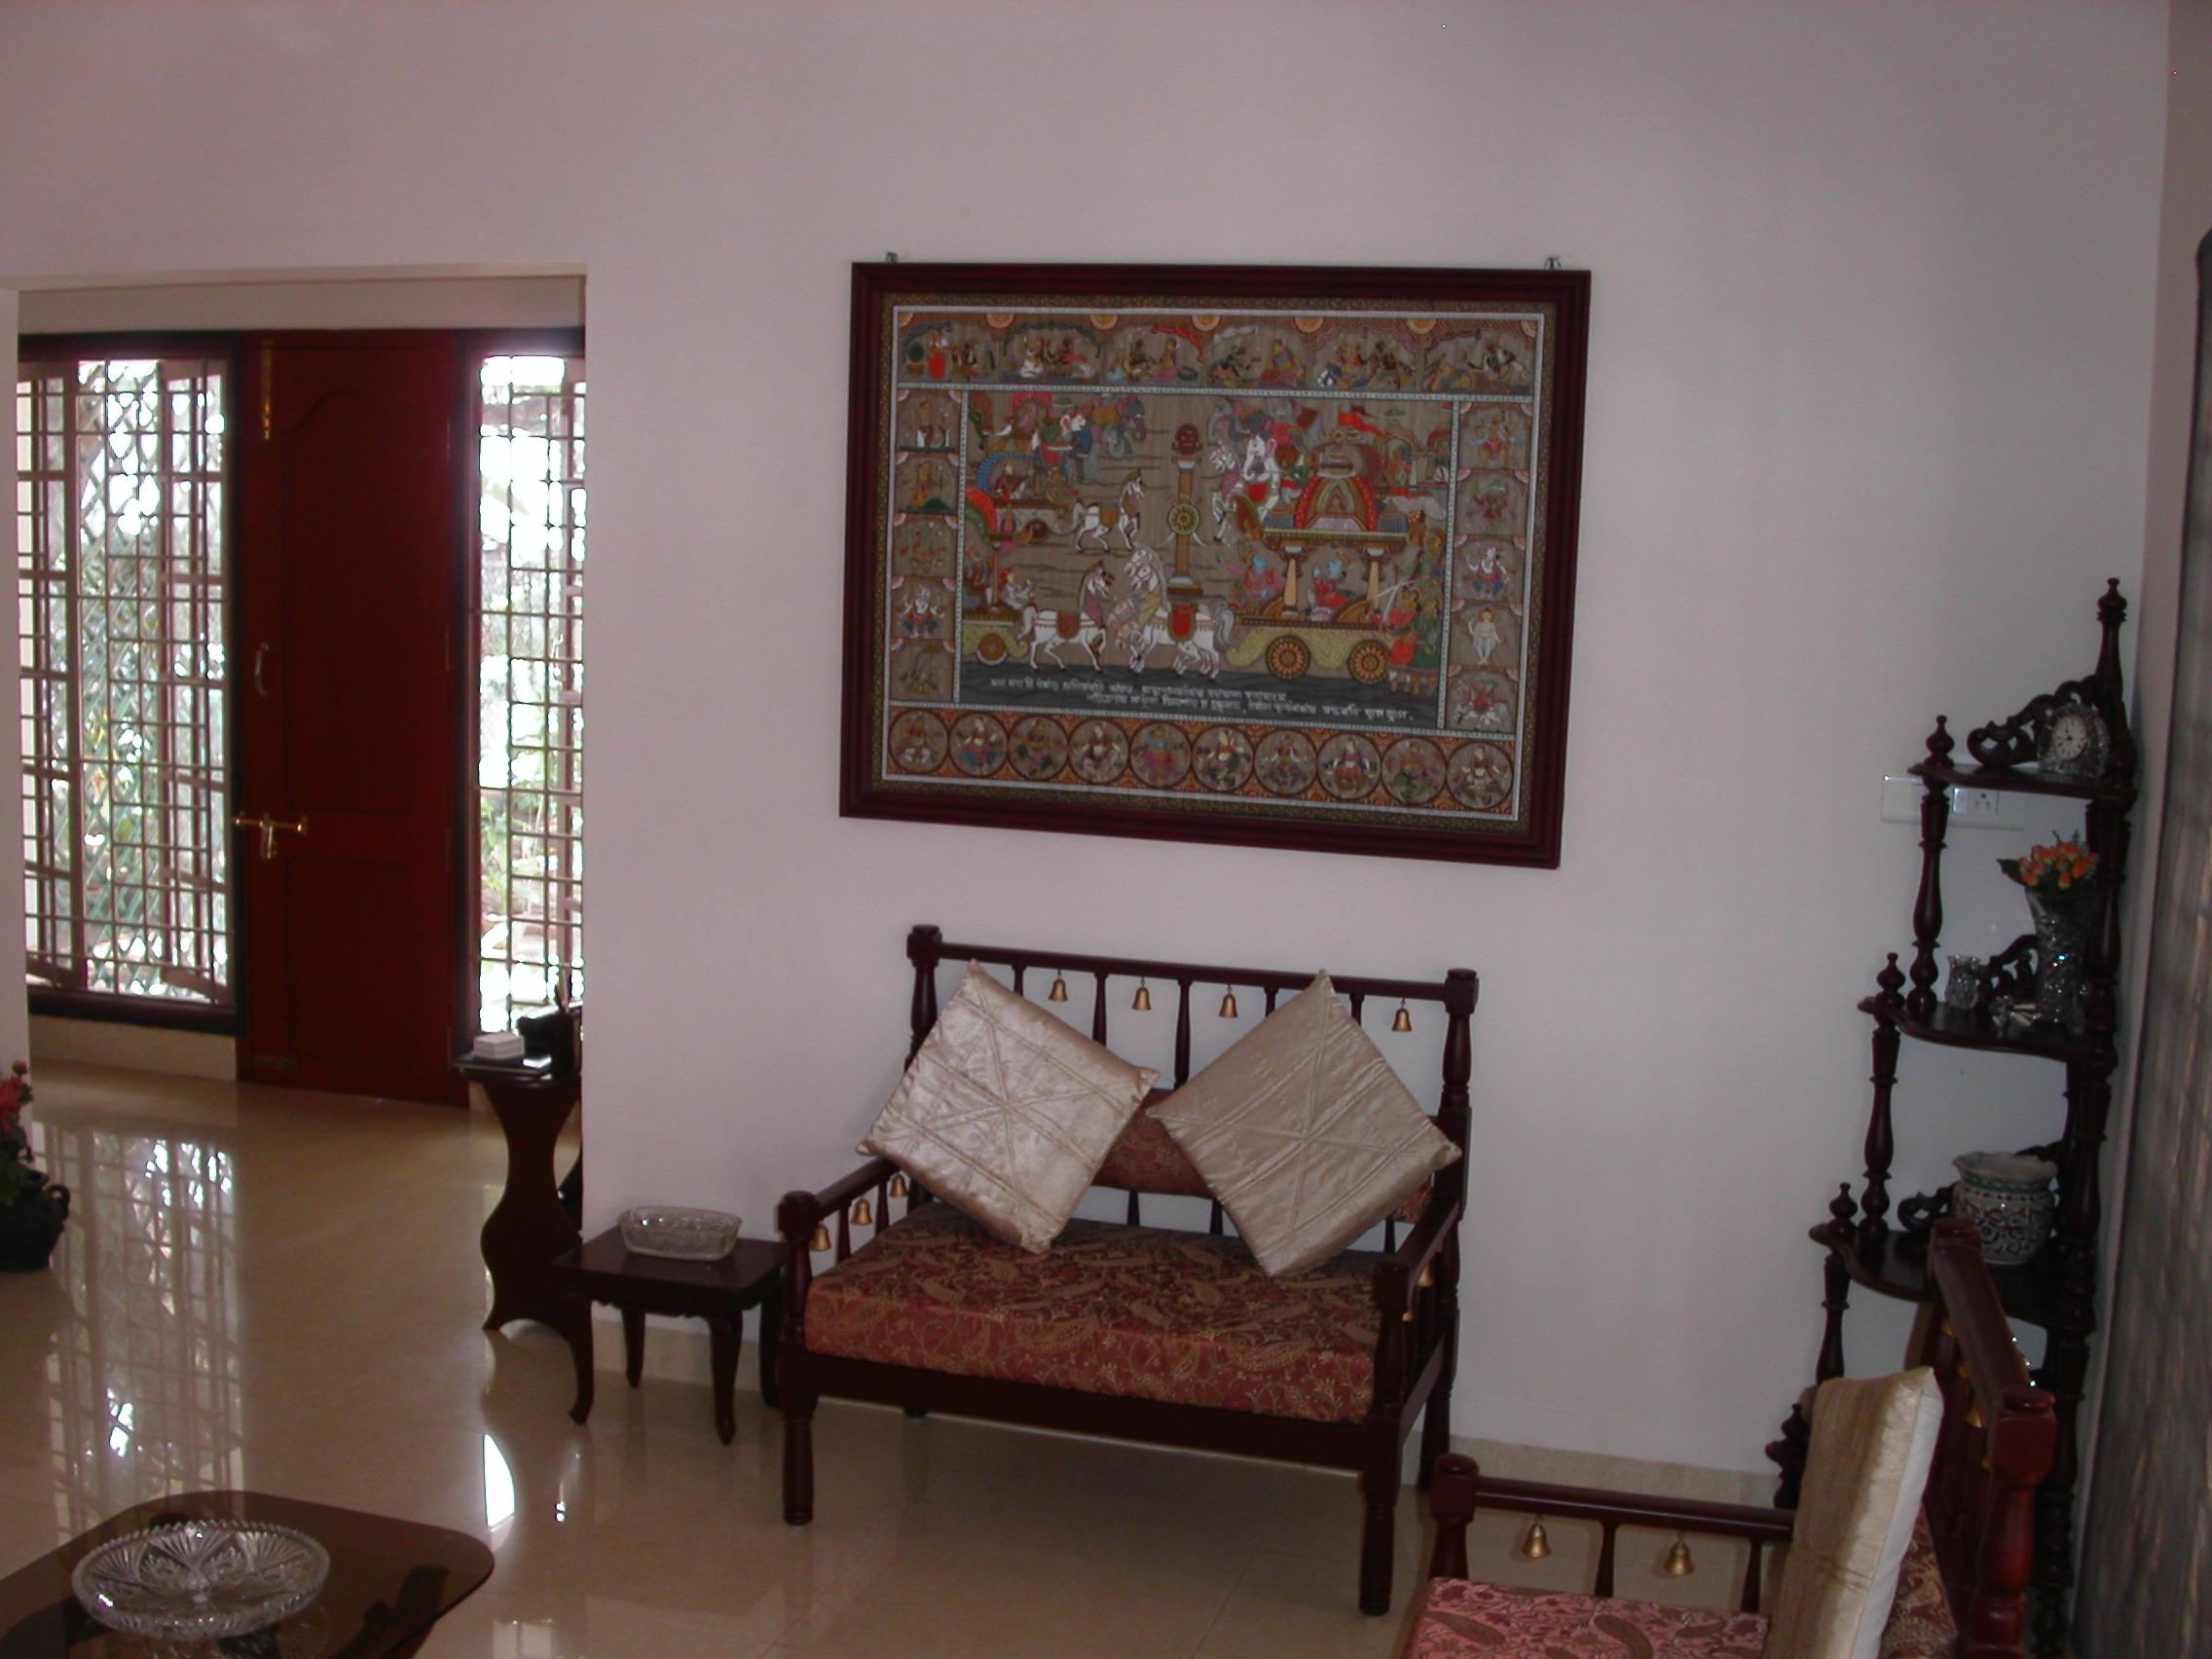 Indian Home Interior Design Blogs Review Home Decor